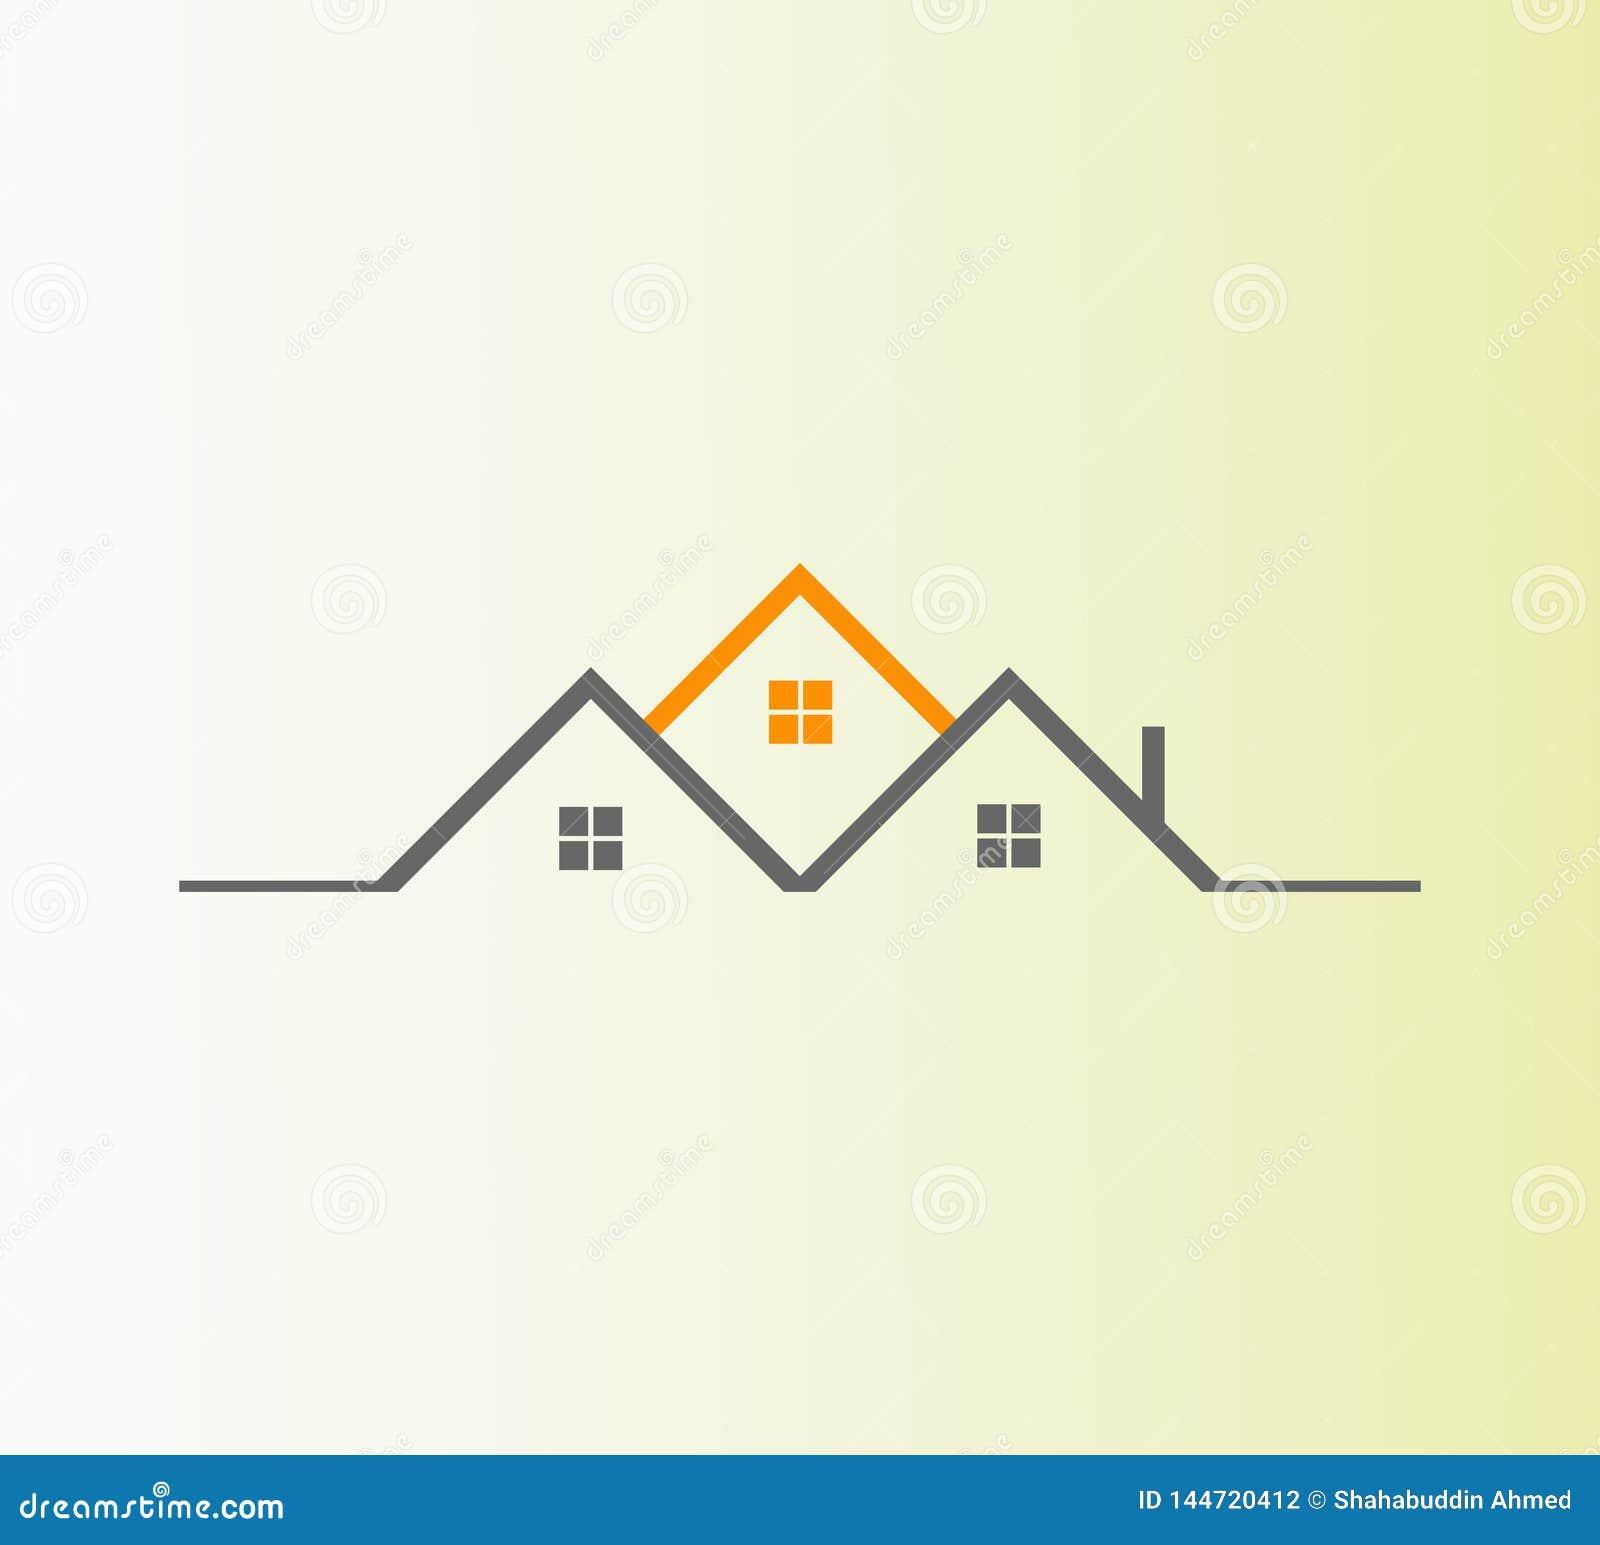 R Bästa abstrakt fastighetsymbolslogo